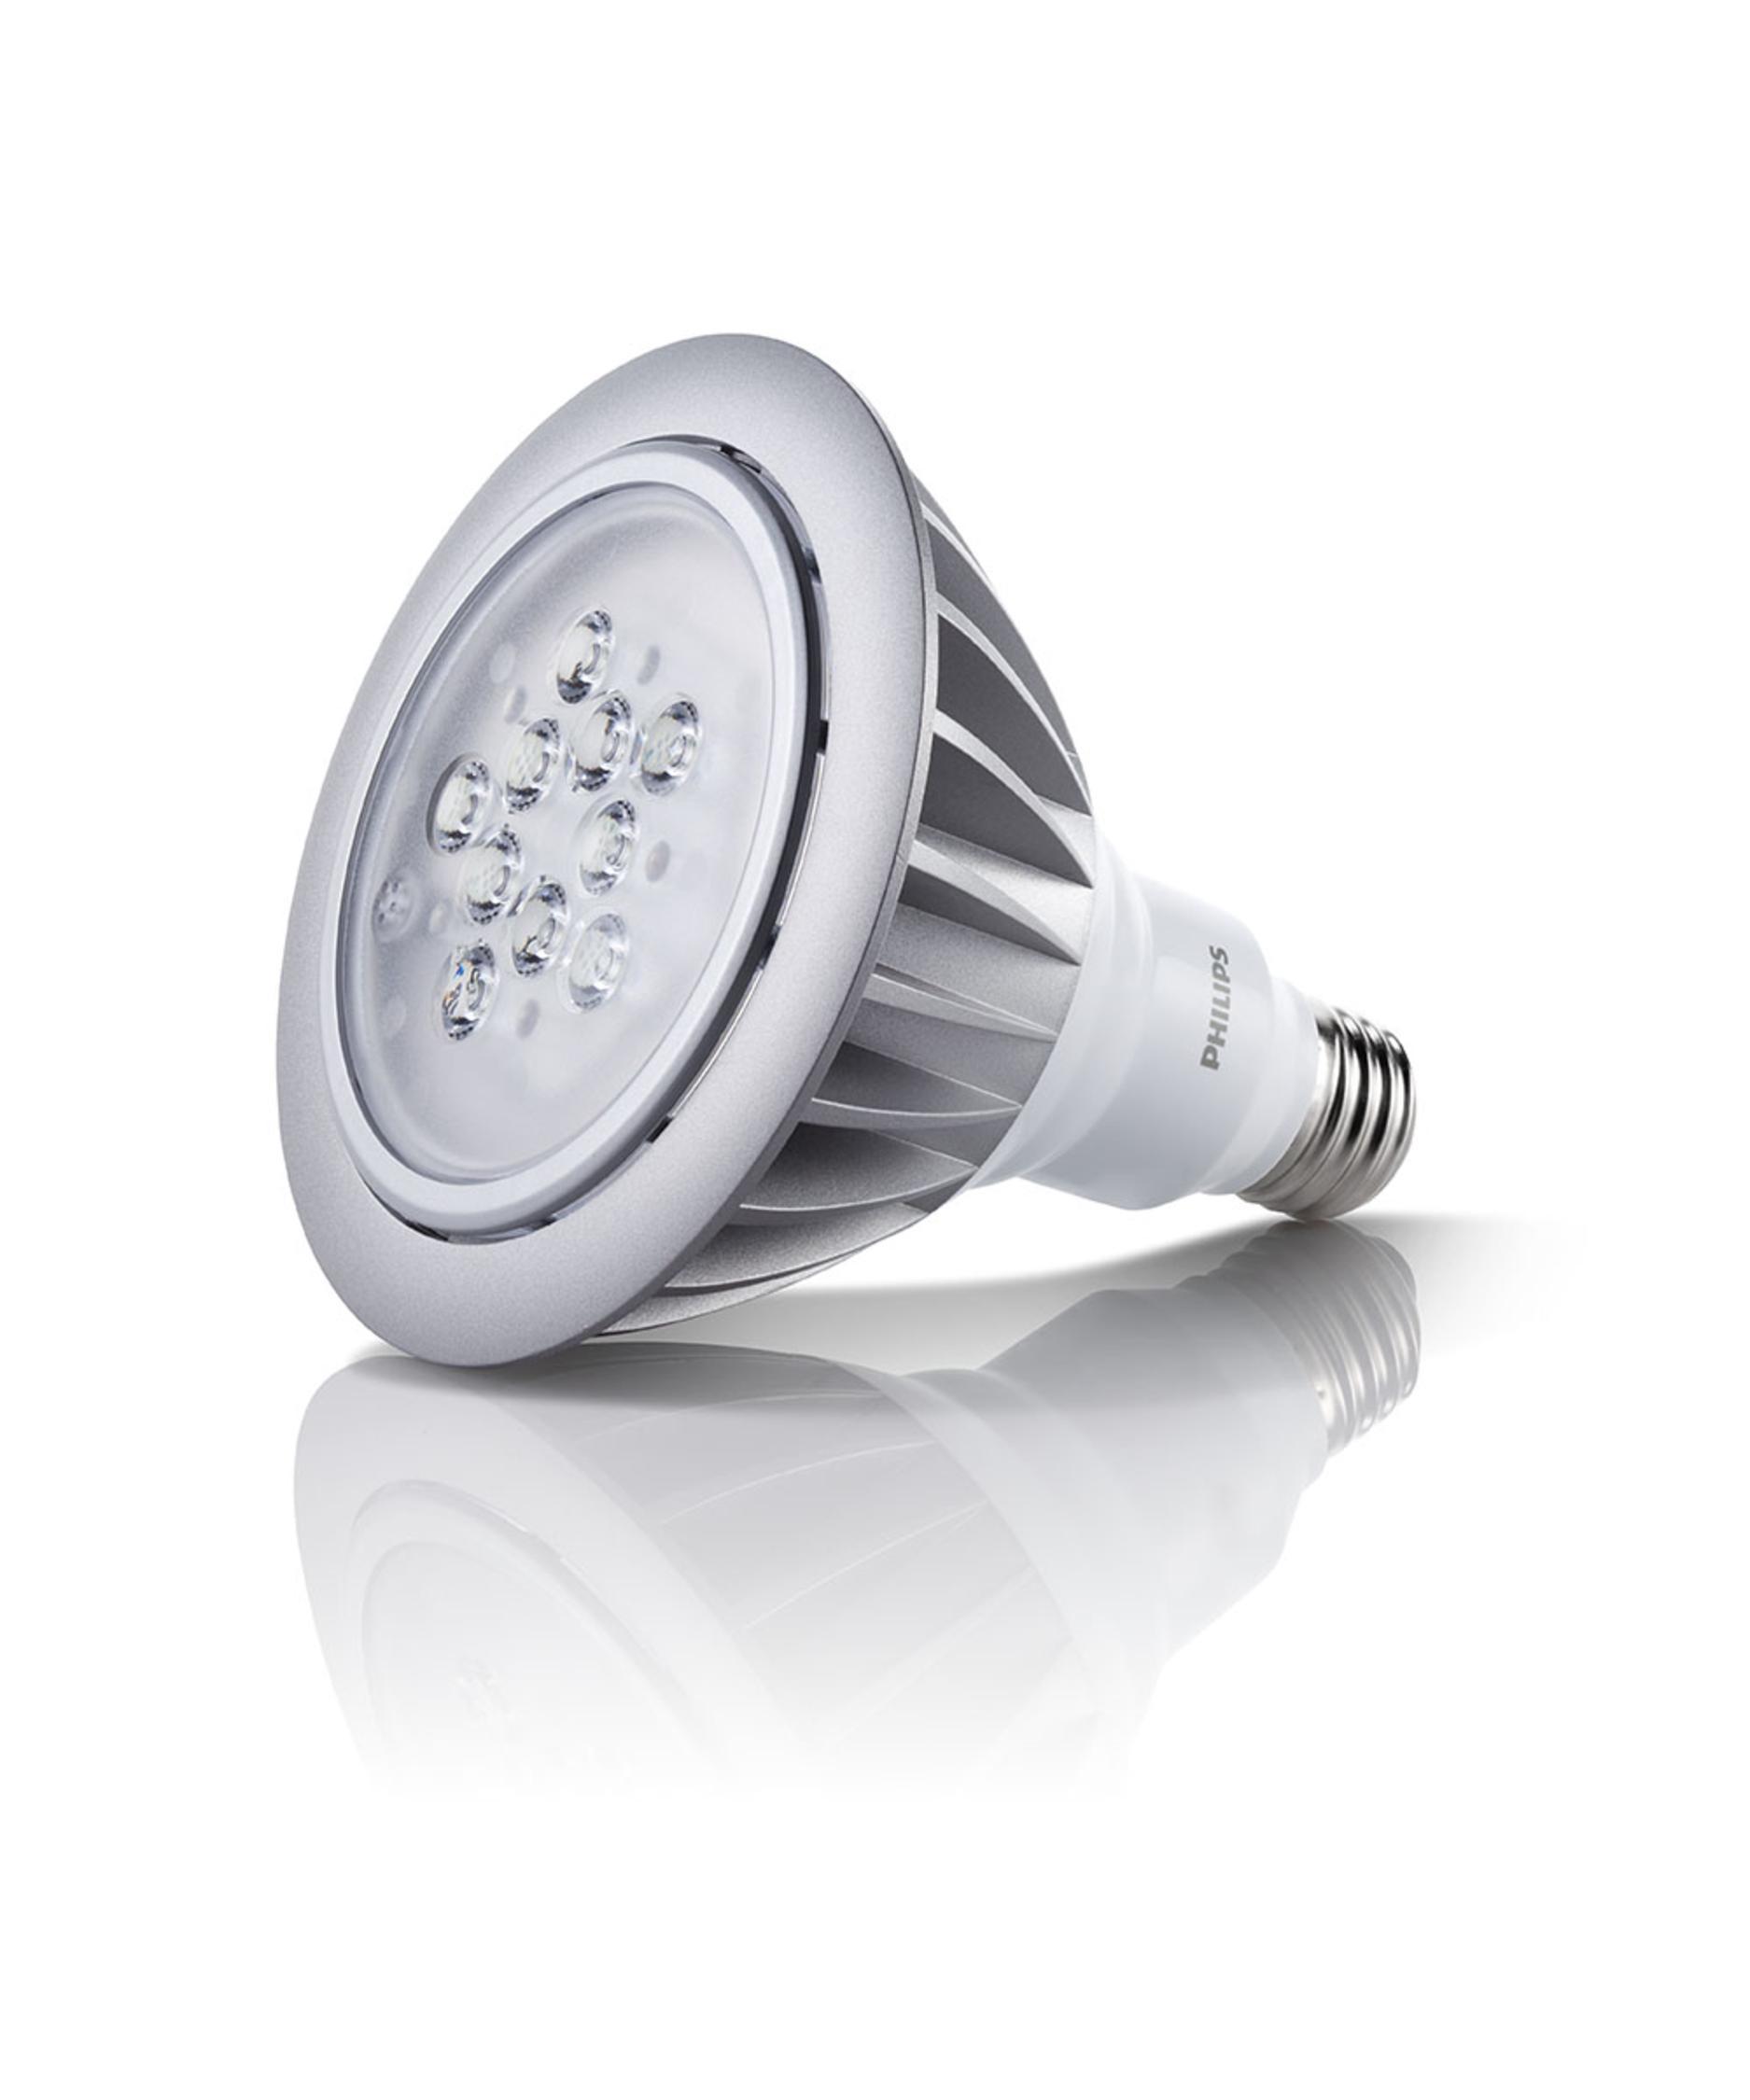 outdoor led flood light bulb capitol lighting 1. Black Bedroom Furniture Sets. Home Design Ideas